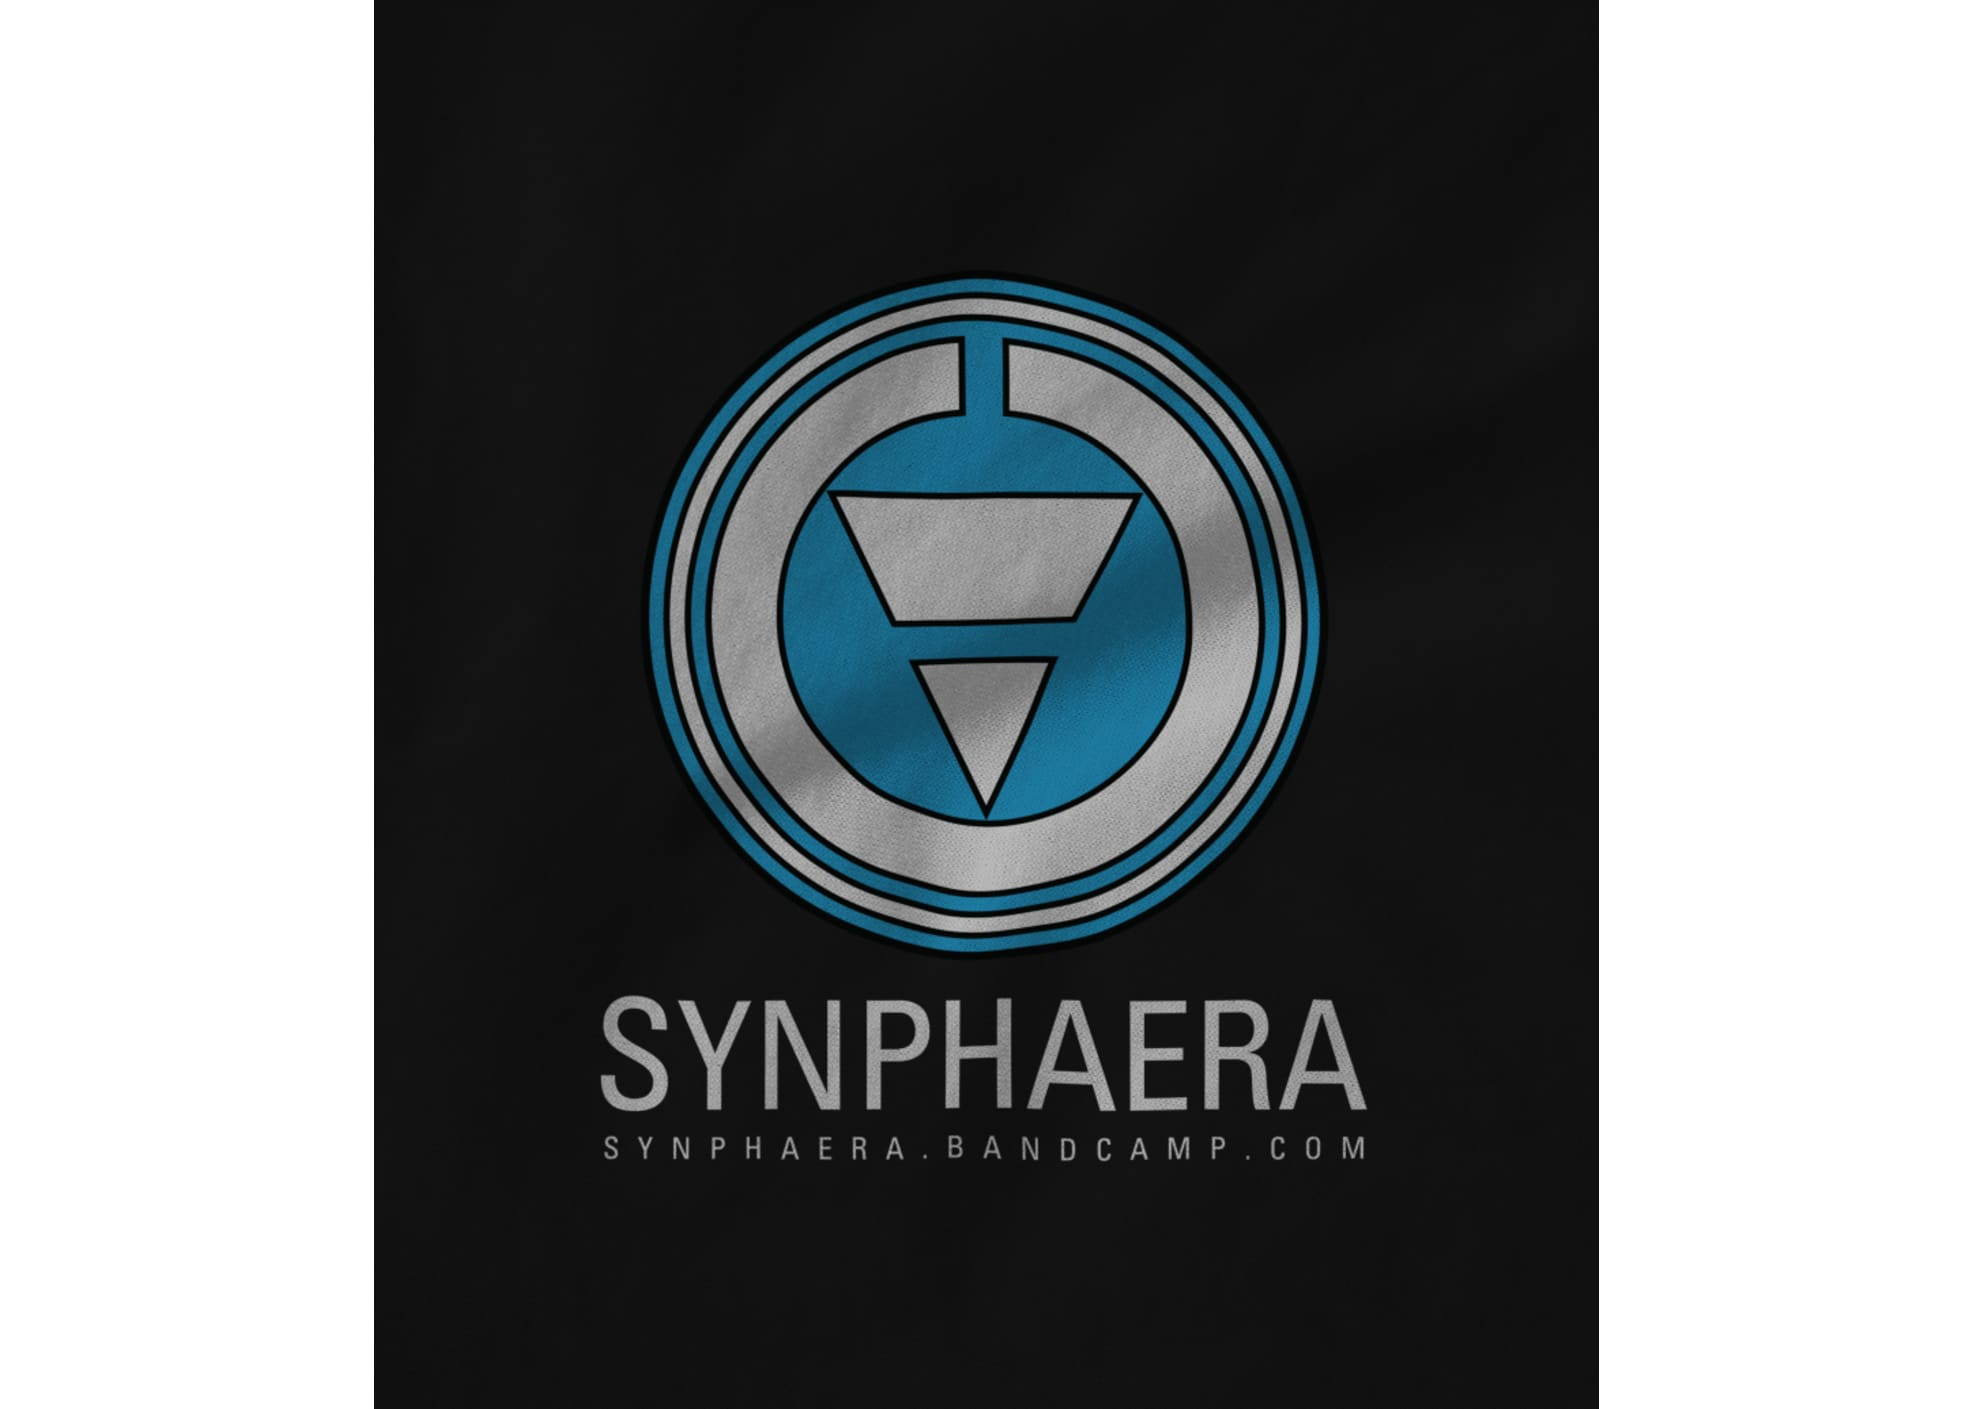 Synphaera blue logo 1467915730